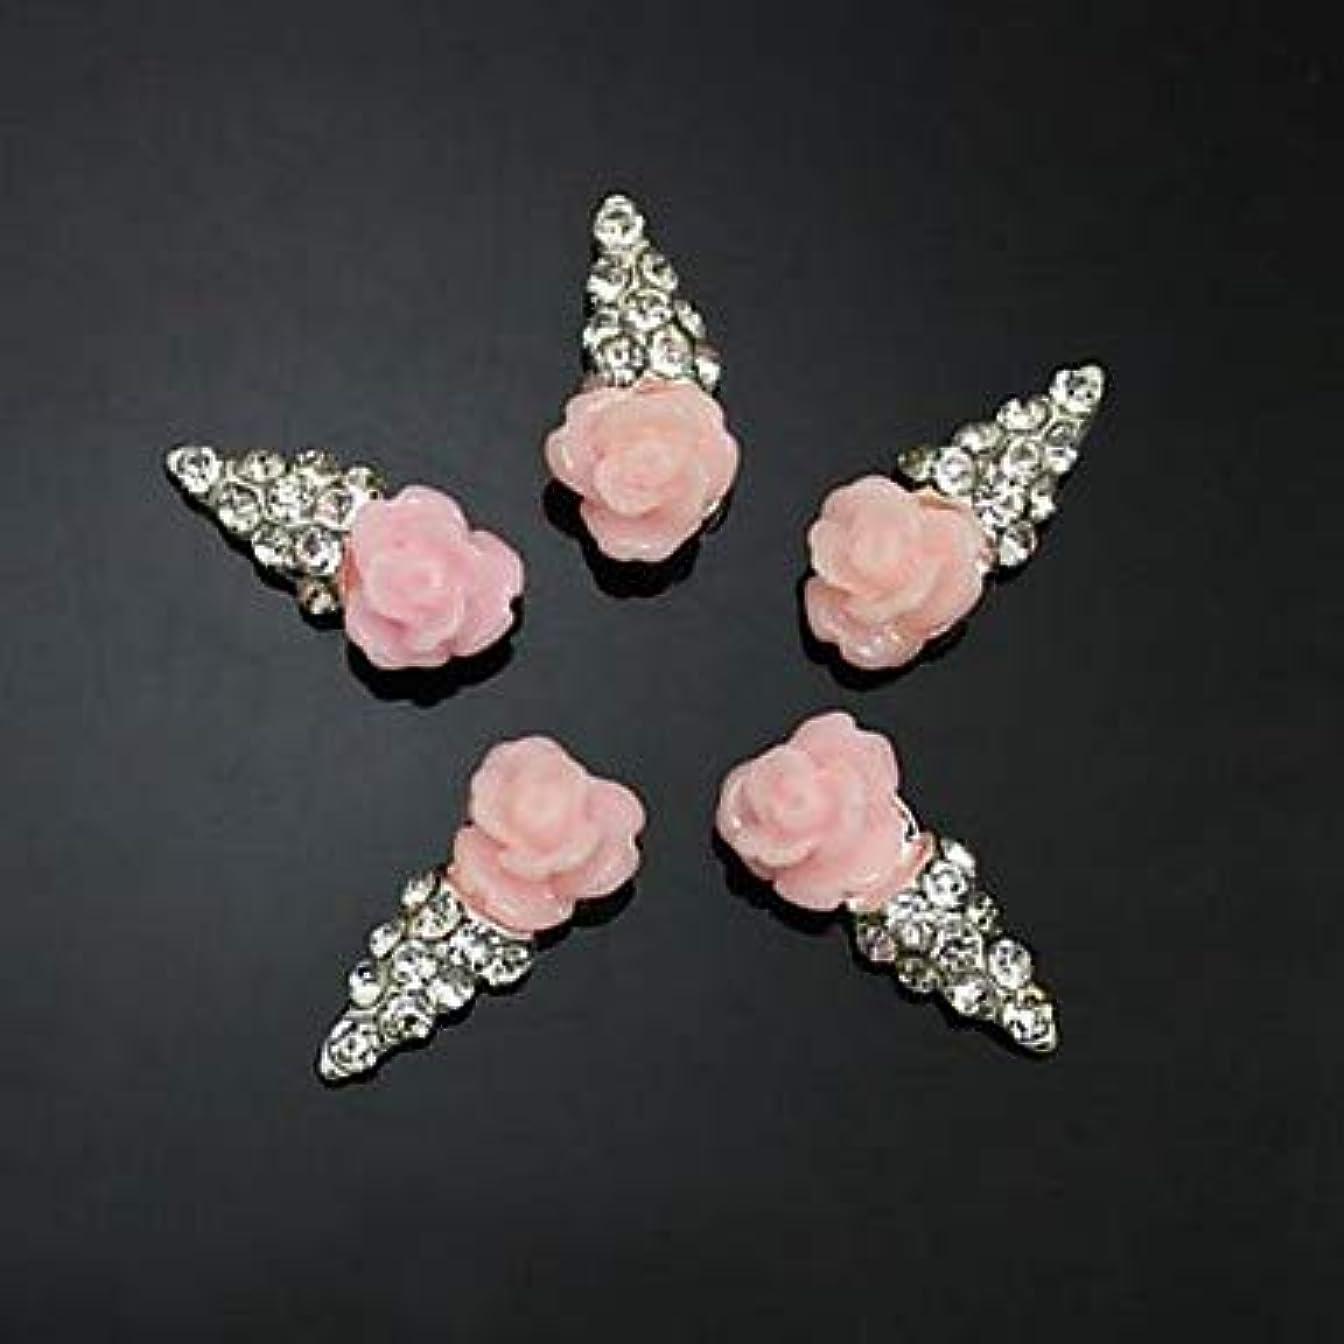 差別的アストロラーベ後方10ピースピンクの花の形のアイスクリーム3dラインストーンdiyアクセサリーネイルアートデコレーション